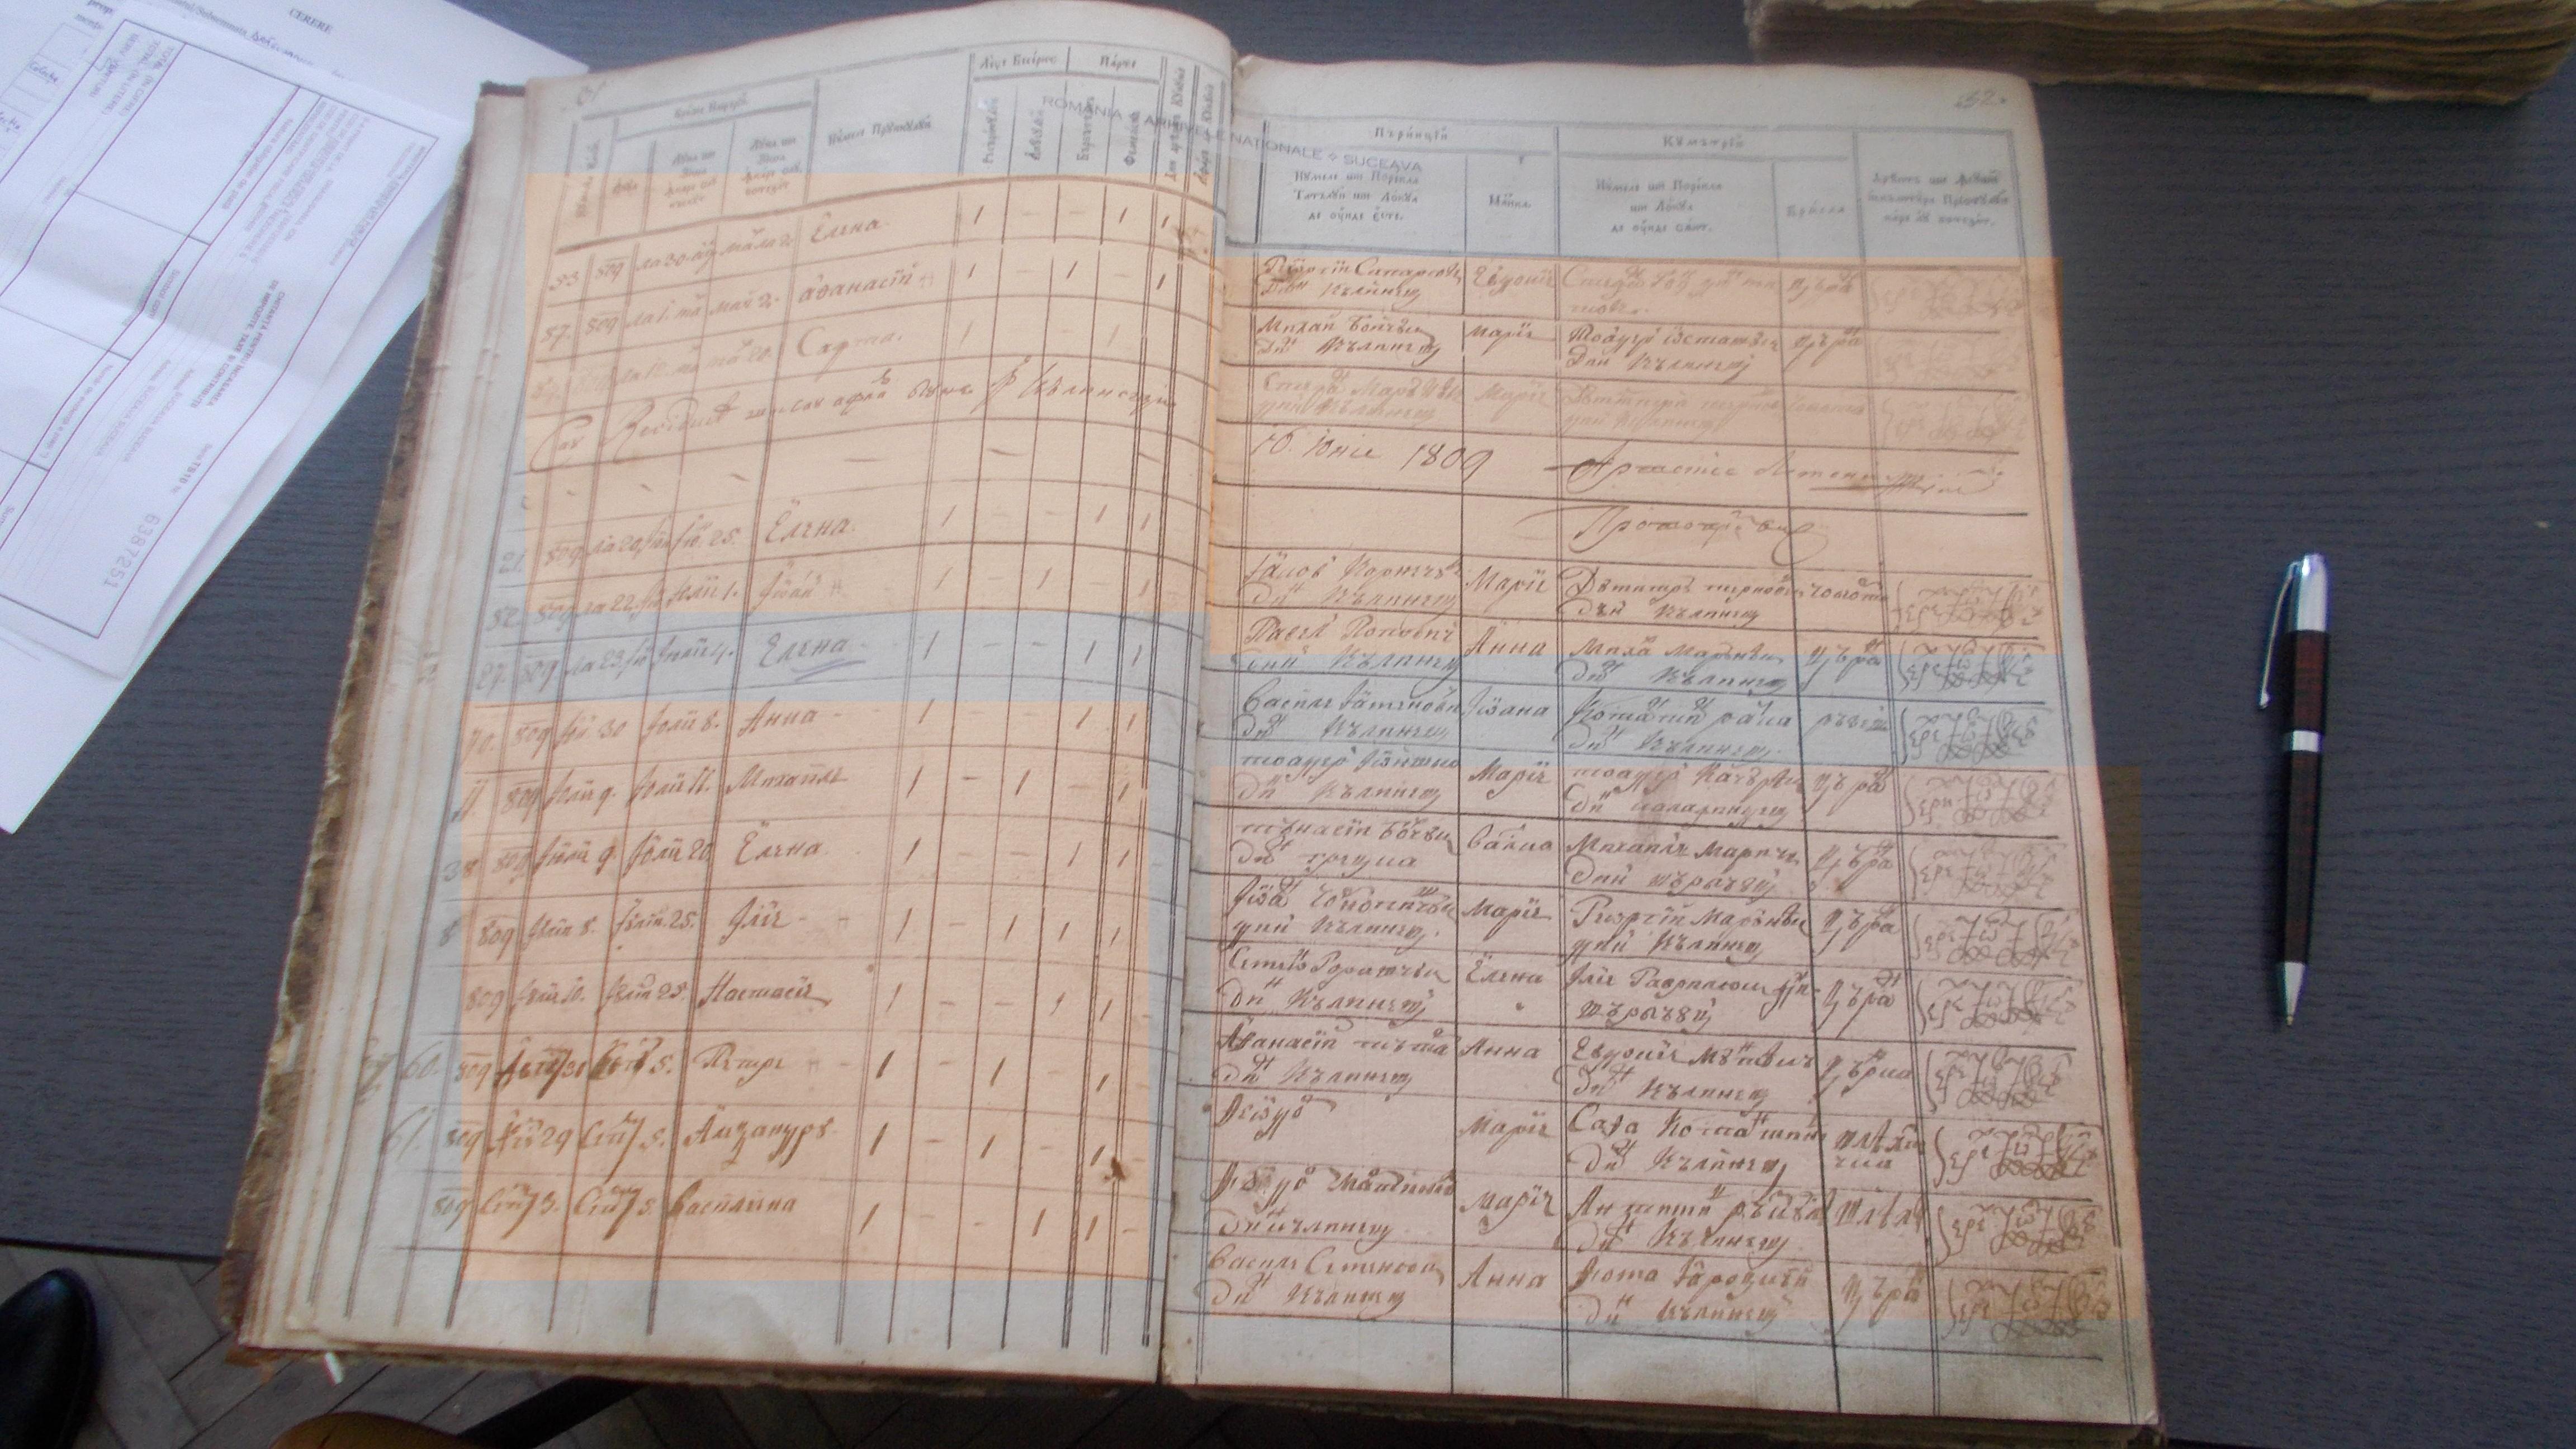 Pagina de condică parohială care consemnează naşterea primului copil al soţilor Vasile şi Ioana Iminovici, bunicii lui Mihai Eminescu